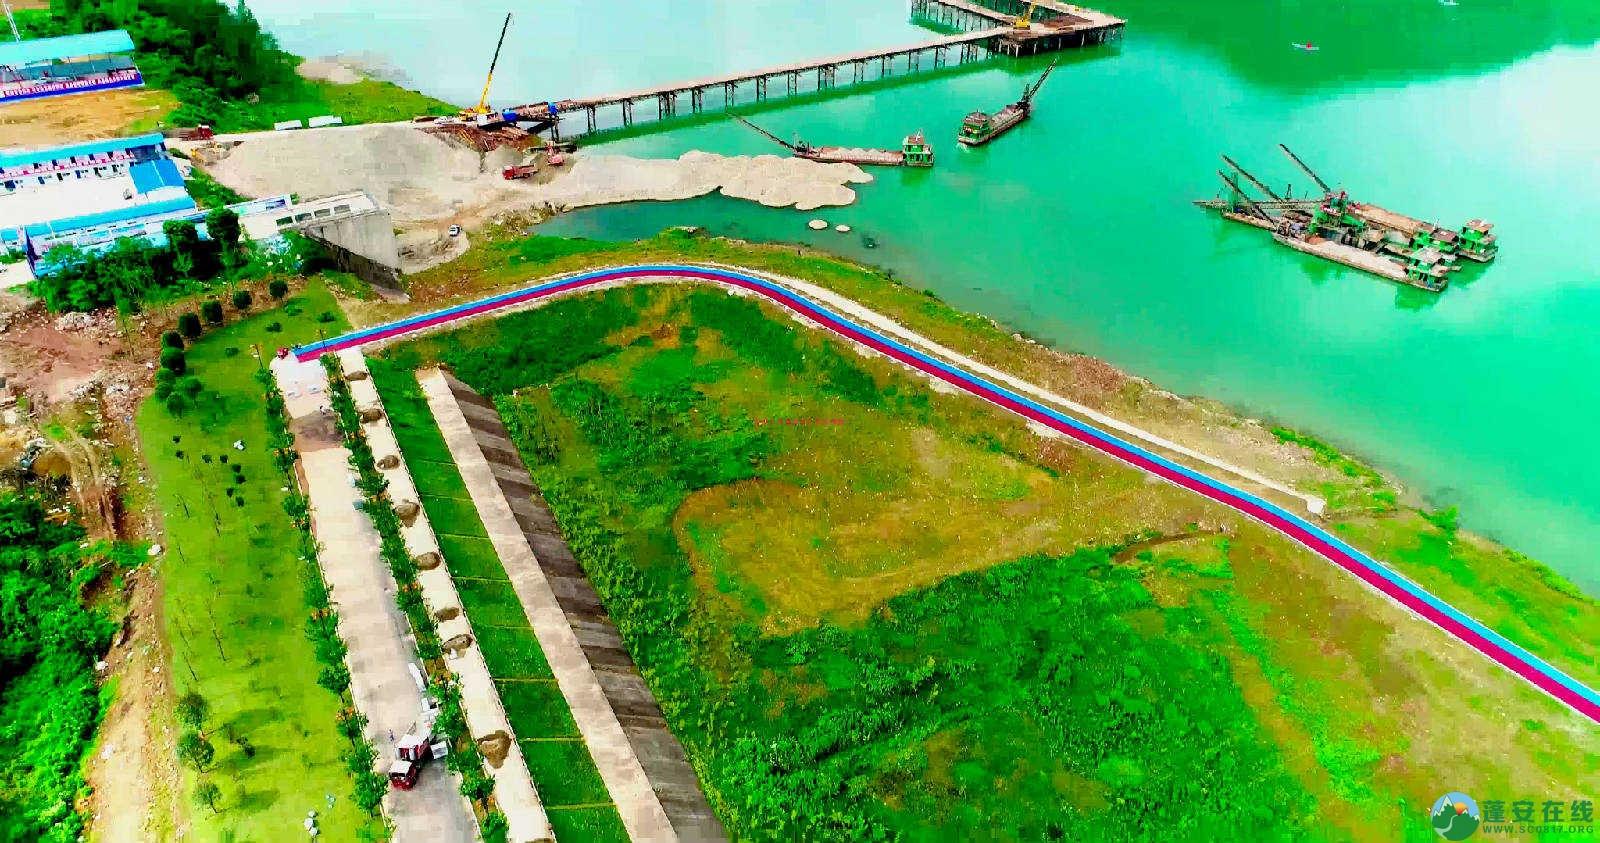 蓬安锦屏湿地公园双色跑道 - 第1张  | 蓬安在线